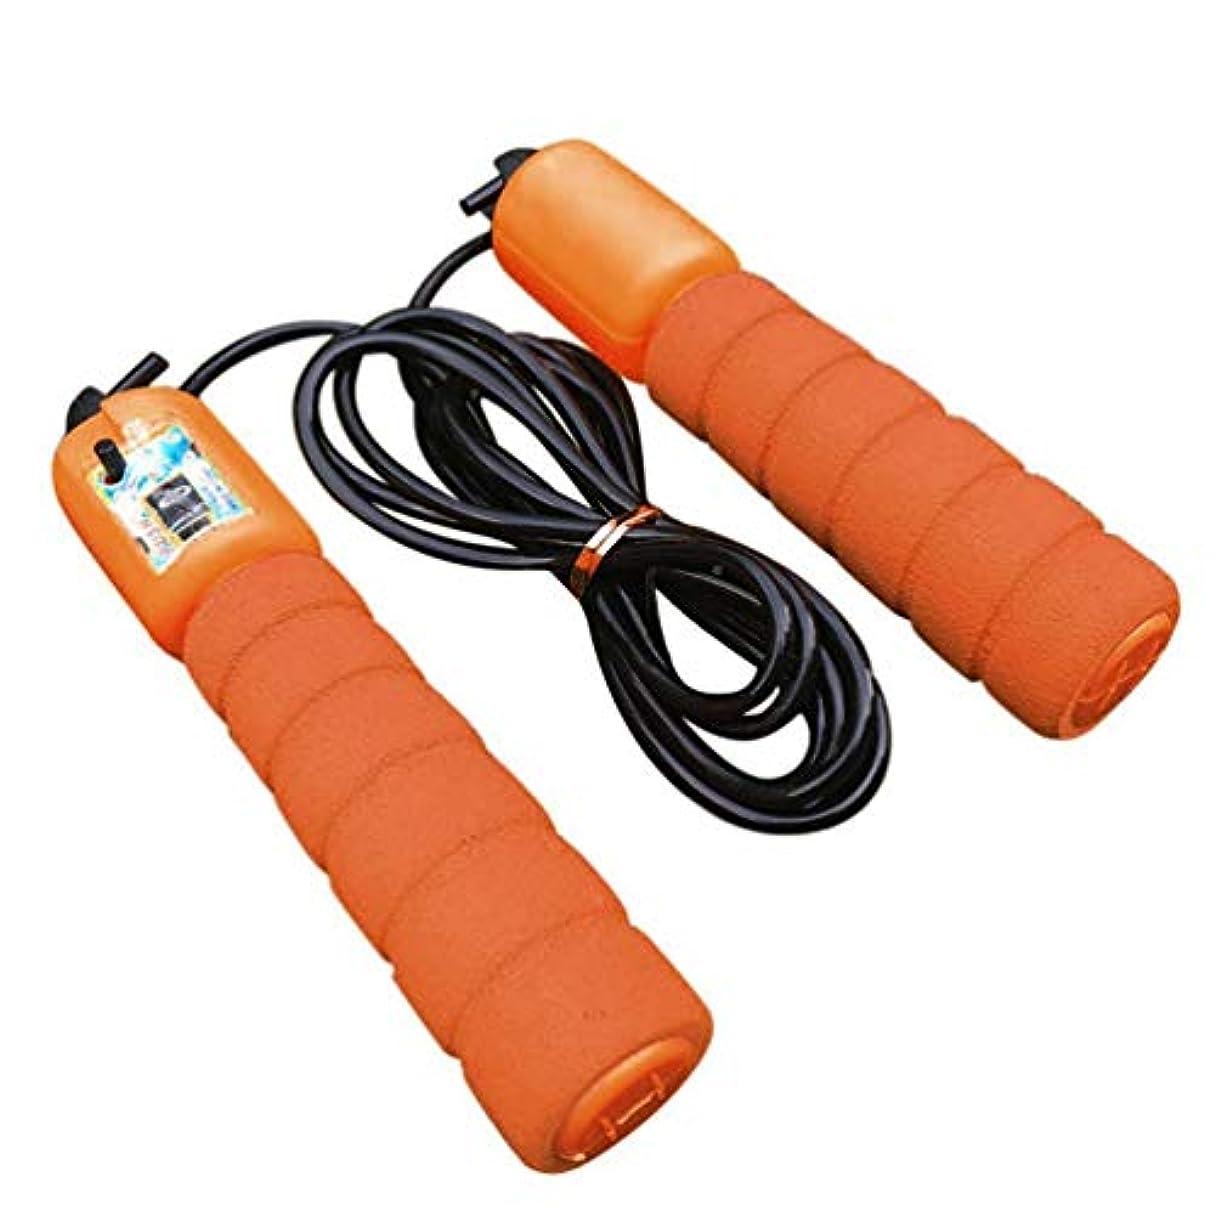 見る政策機械調整可能なプロフェッショナルカウントスキップロープ自動カウントジャンプロープフィットネスエクササイズ高速スピードカウントジャンプロープ-オレンジ